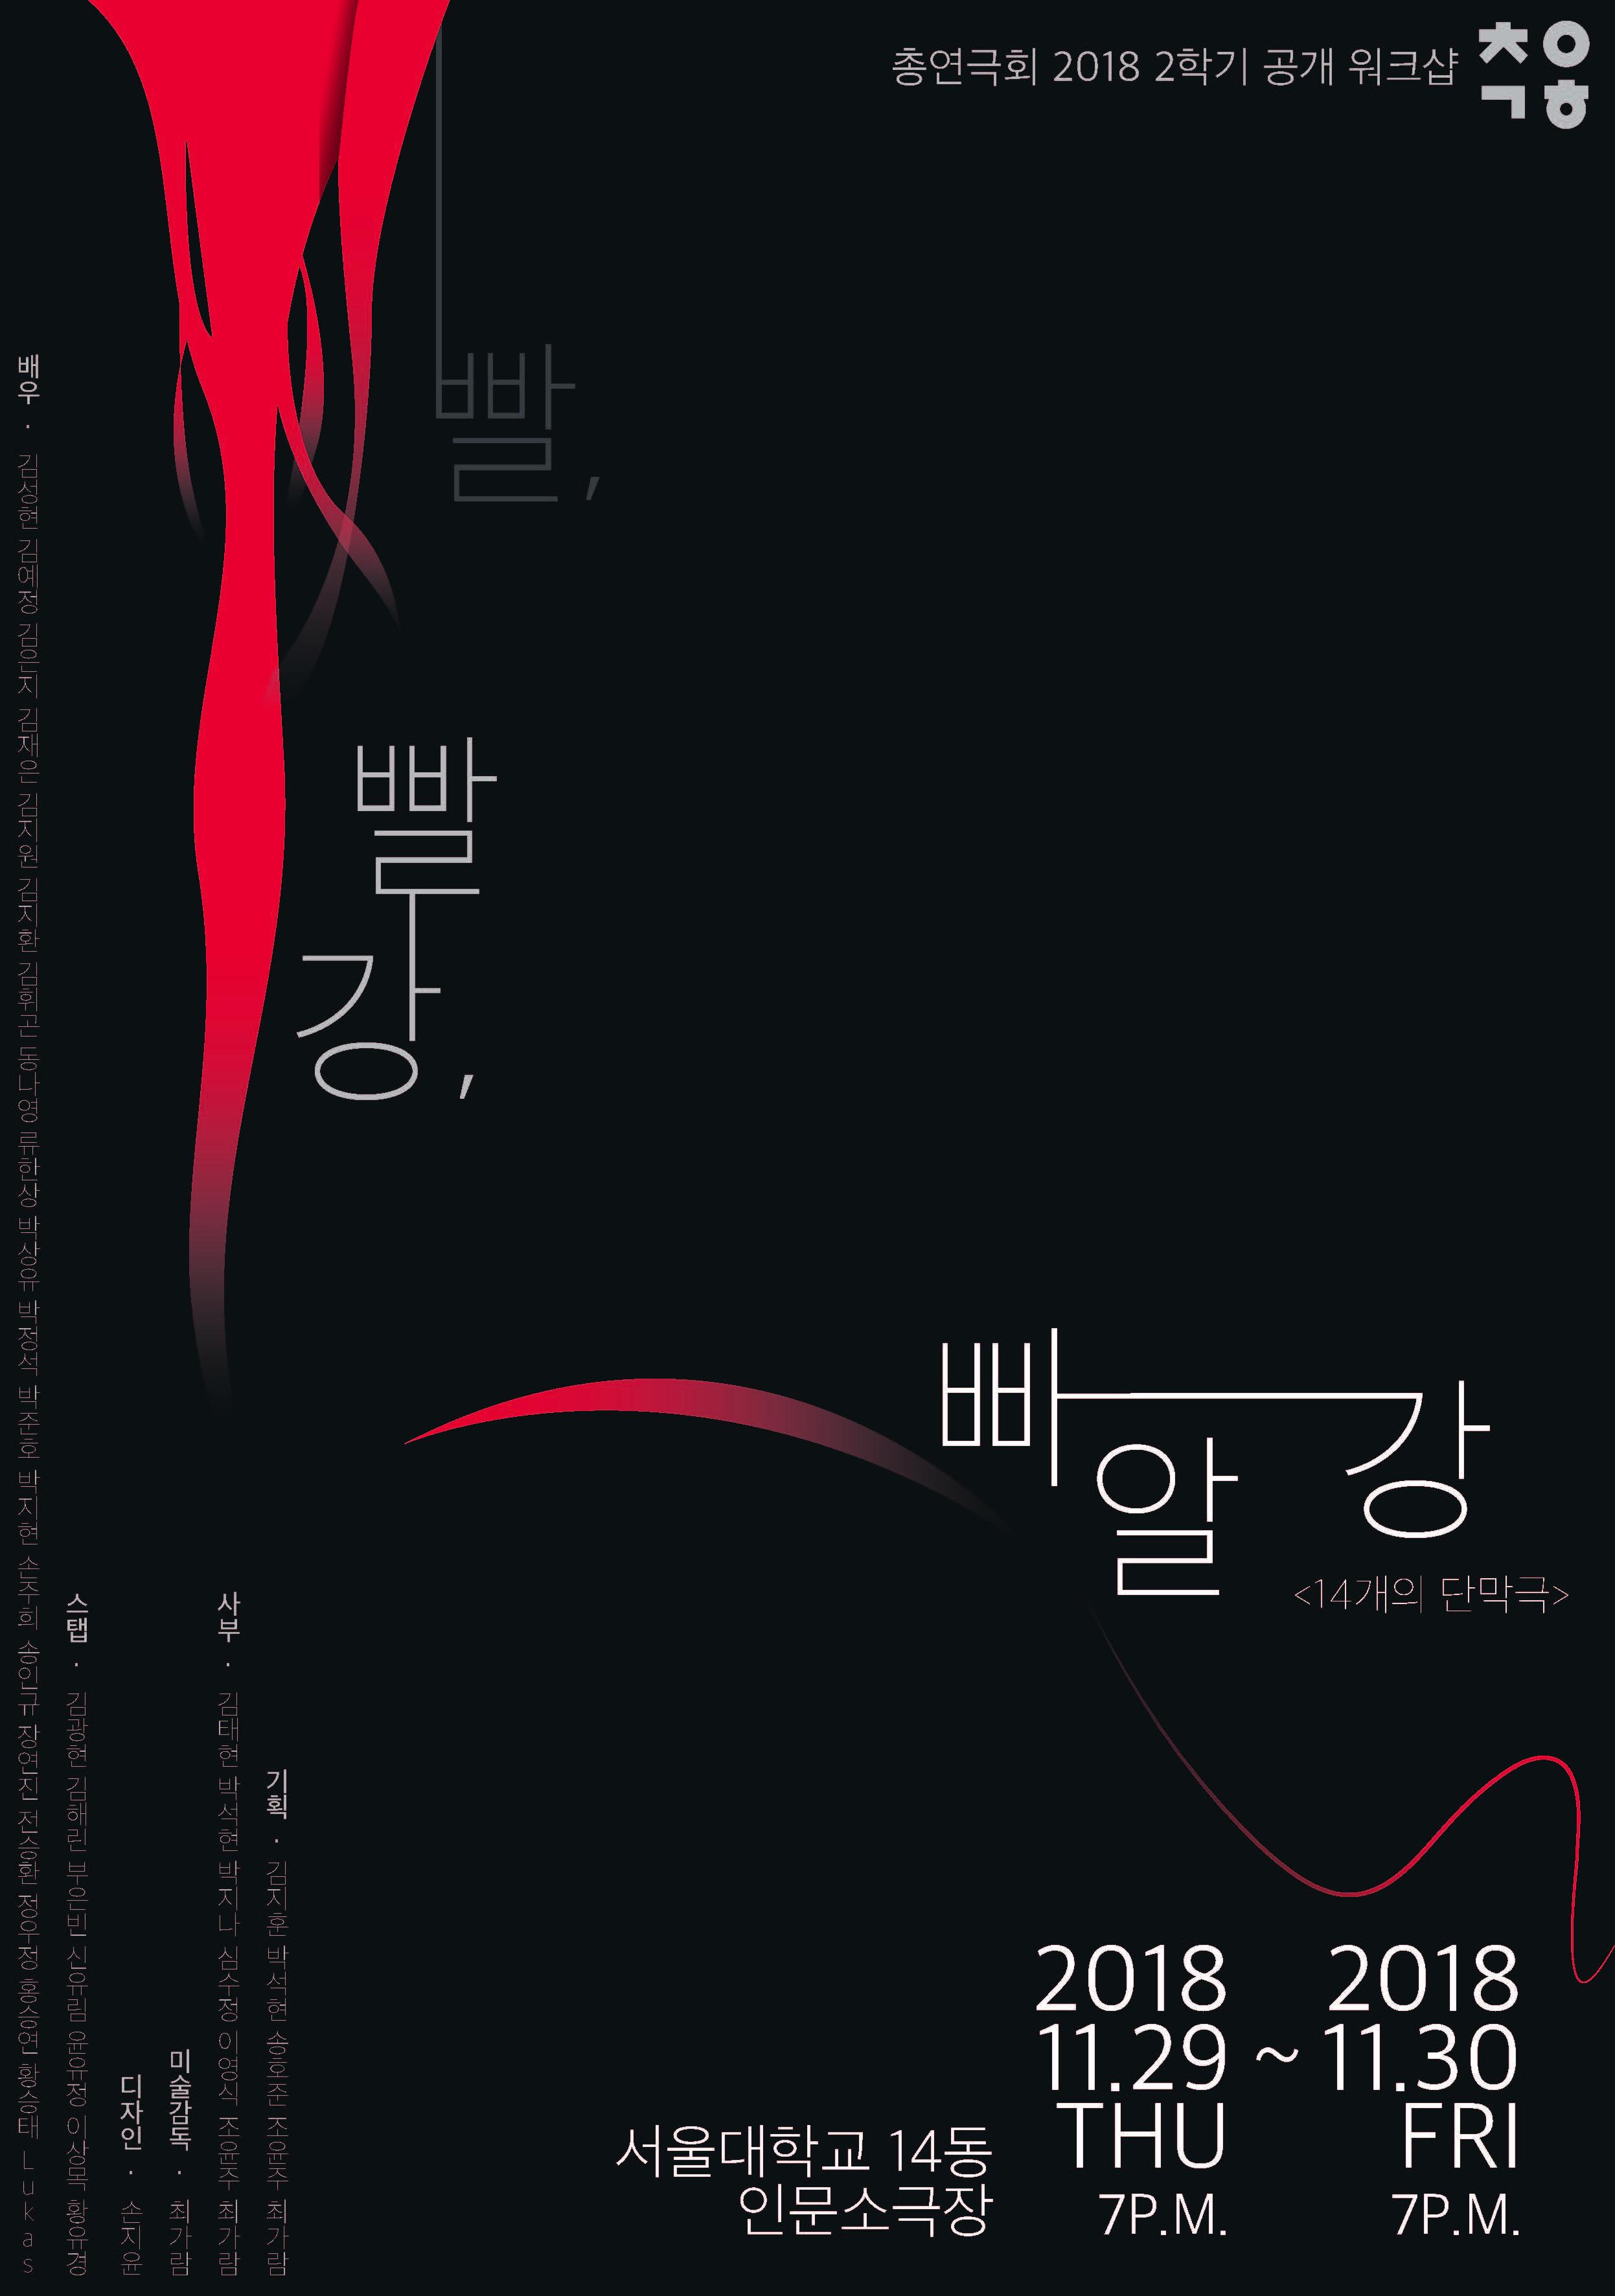 [11월] 총연극회「빨, 빨강, 빠알강: 14개의 단막극」